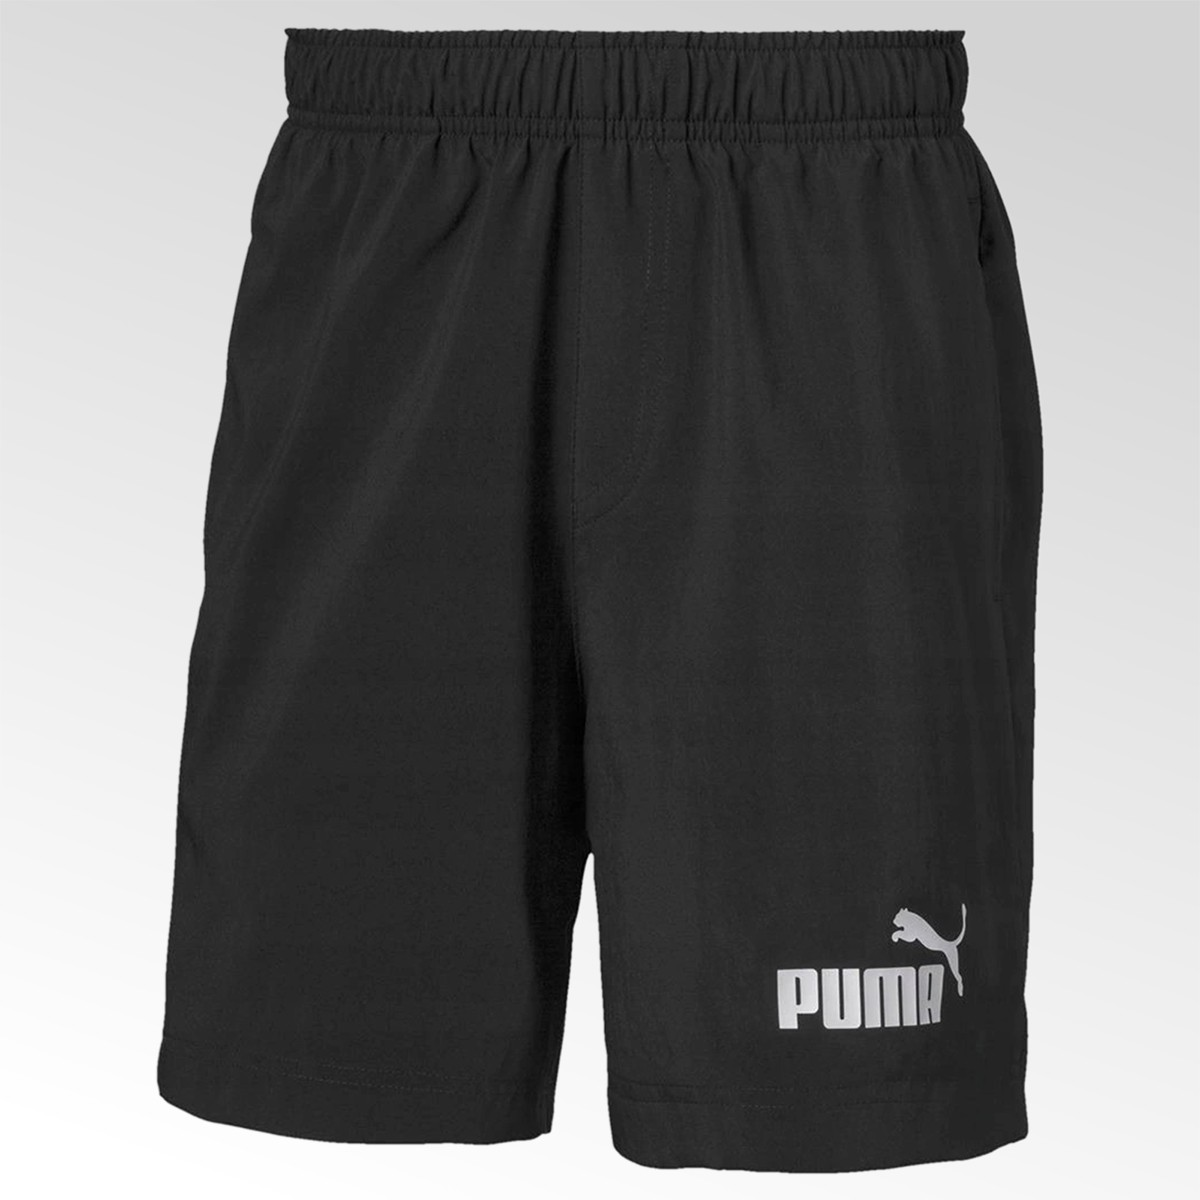 Spodenki młodzieżowe Puma Active Woven Short - 852114-01 - 1